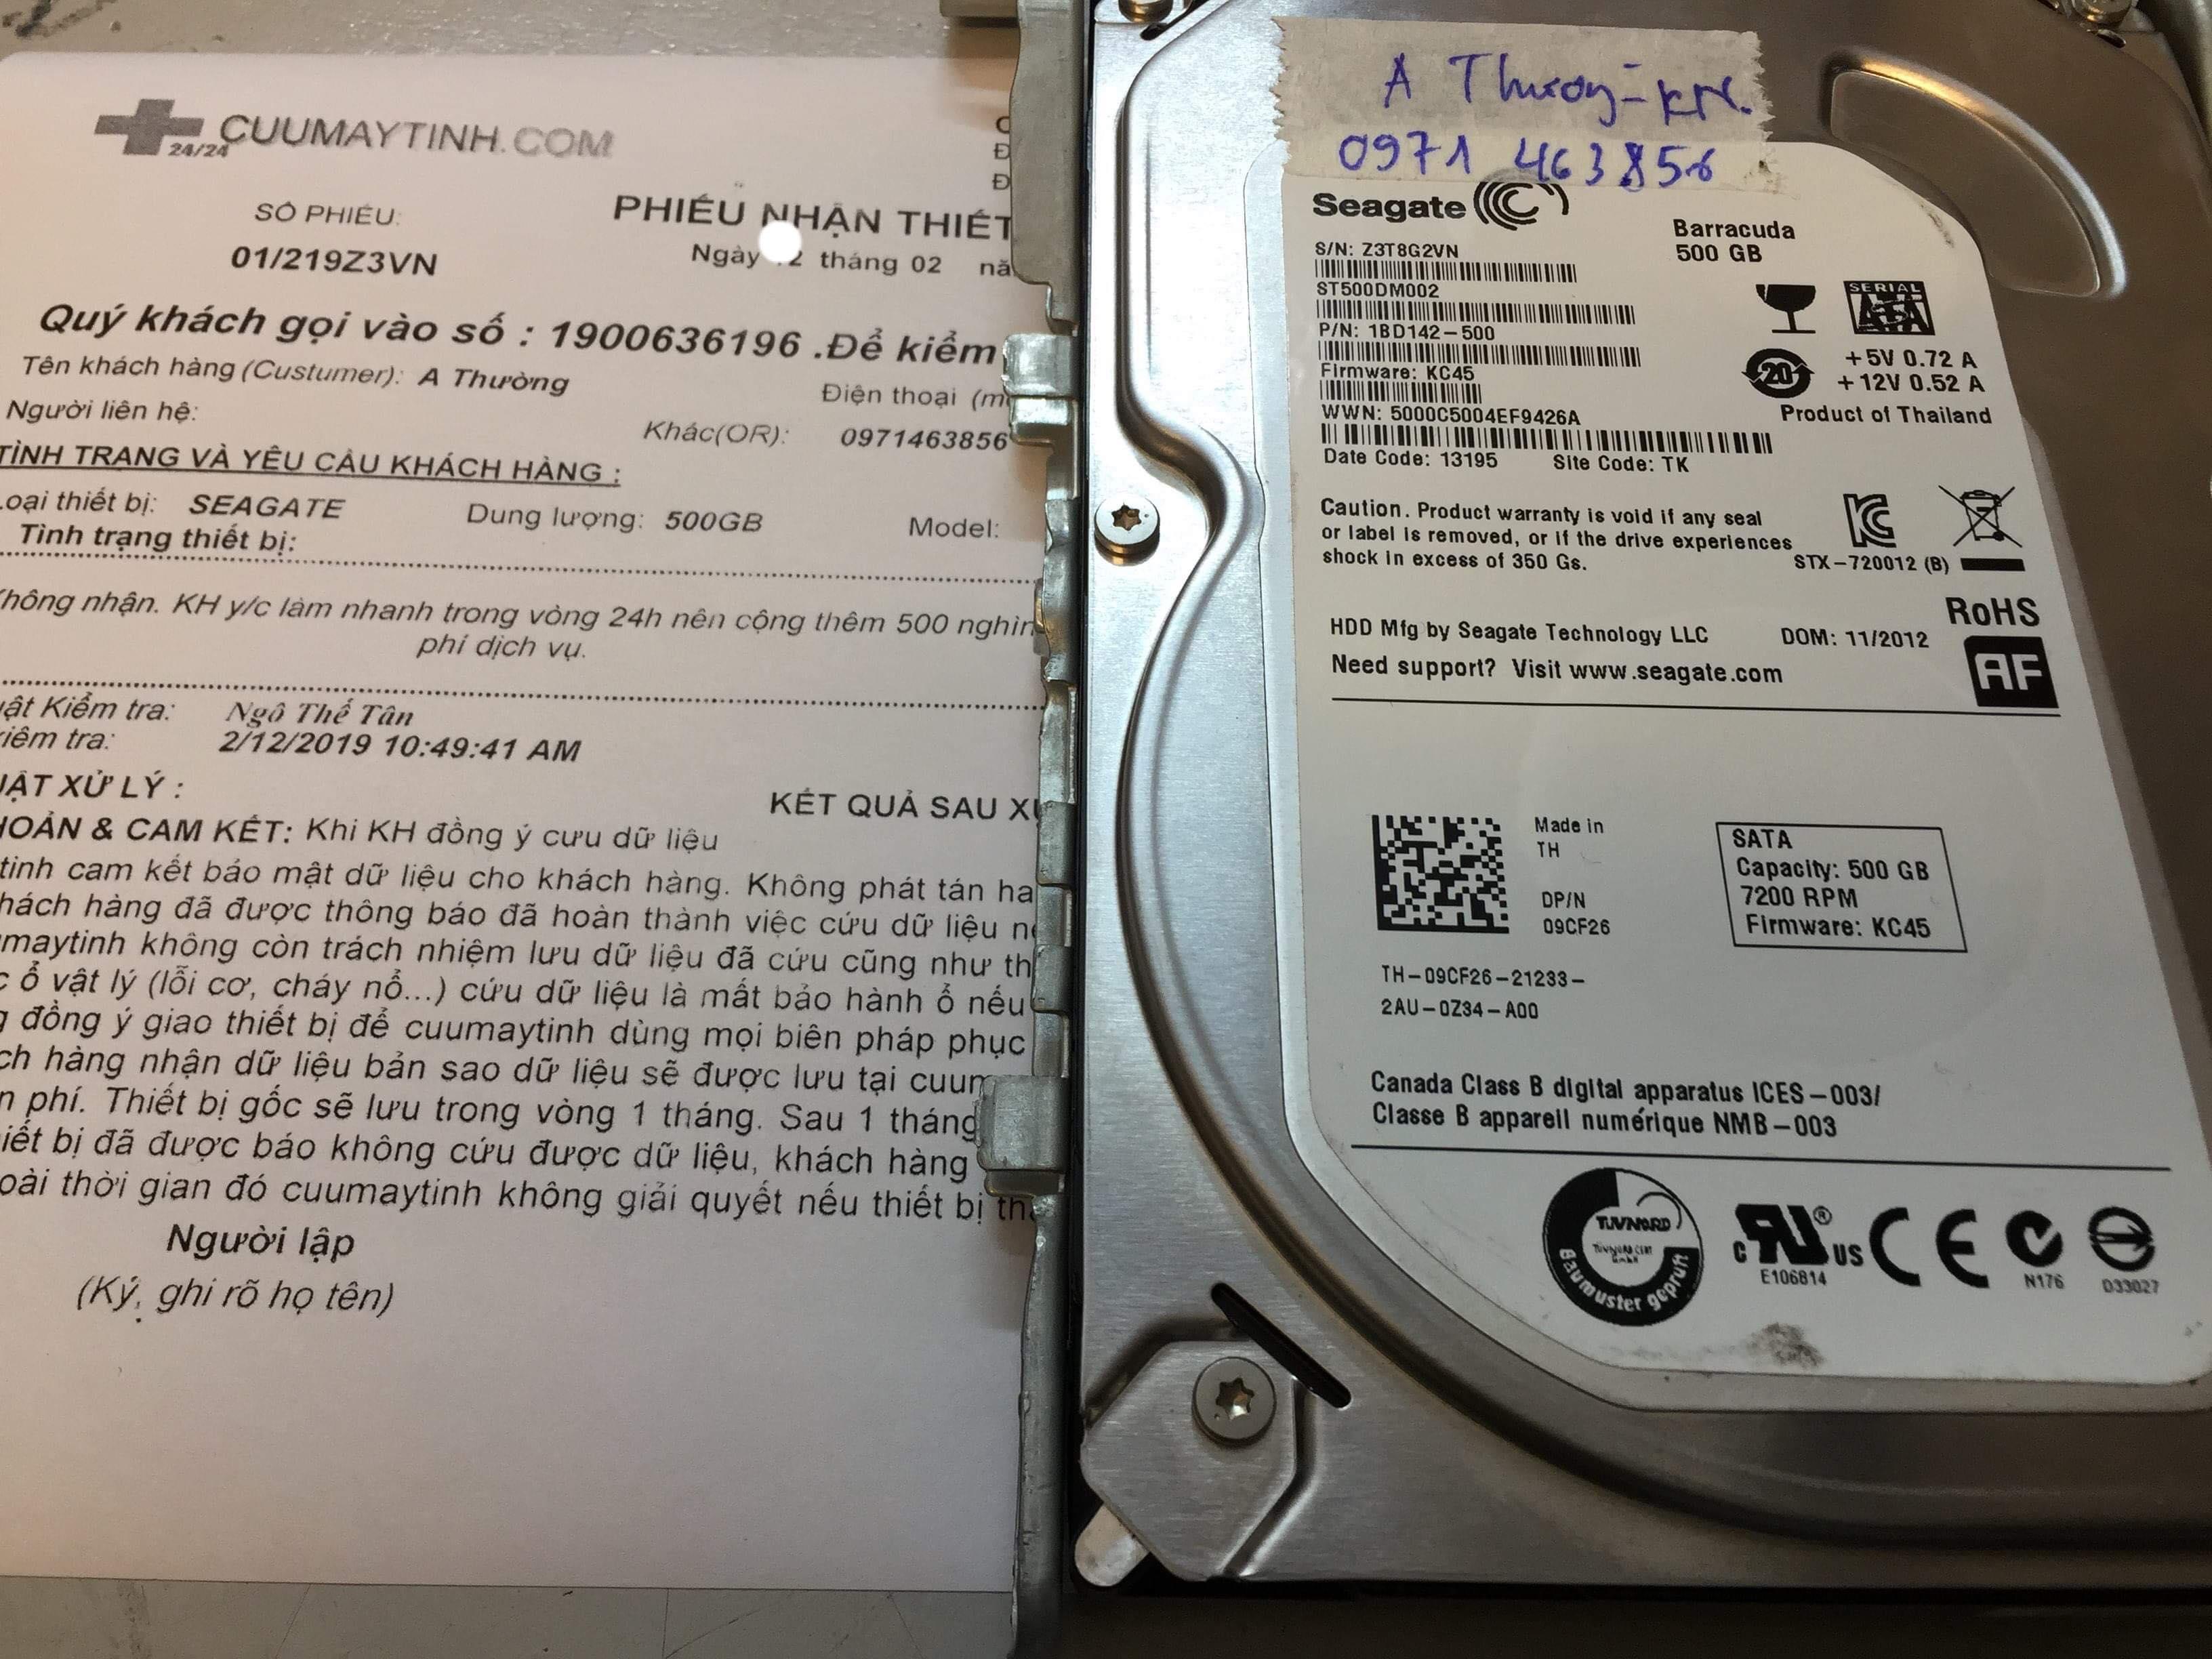 Cứu dữ liệu ổ cứng Seagate 500GB không nhận 11/02/2019 - cuumaytinh